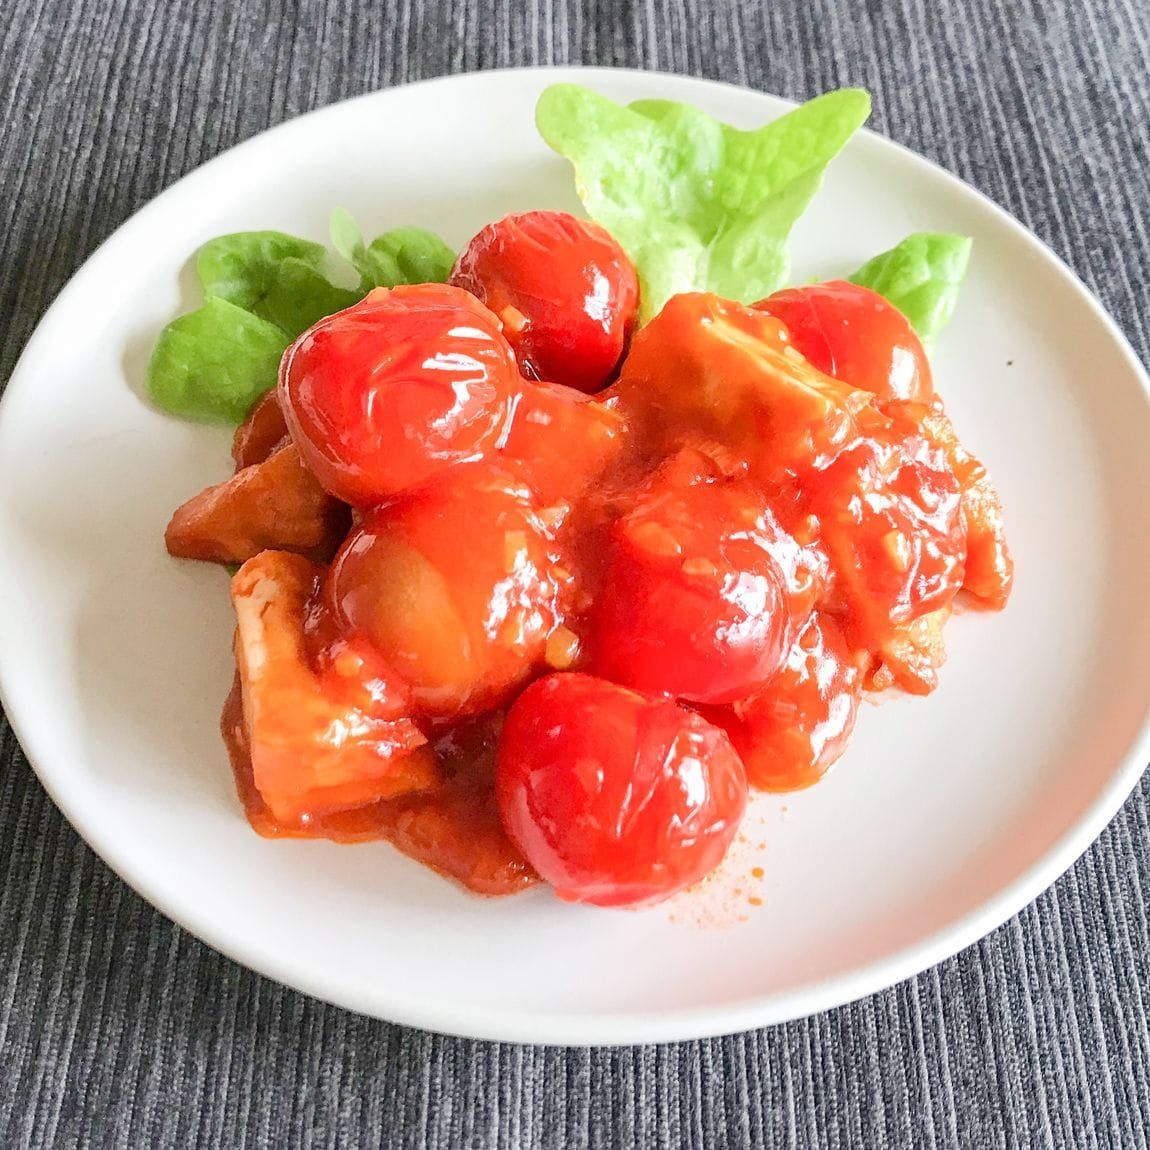 【京都山科】トマトと厚揚げのチリソース|季節野菜のレシピ